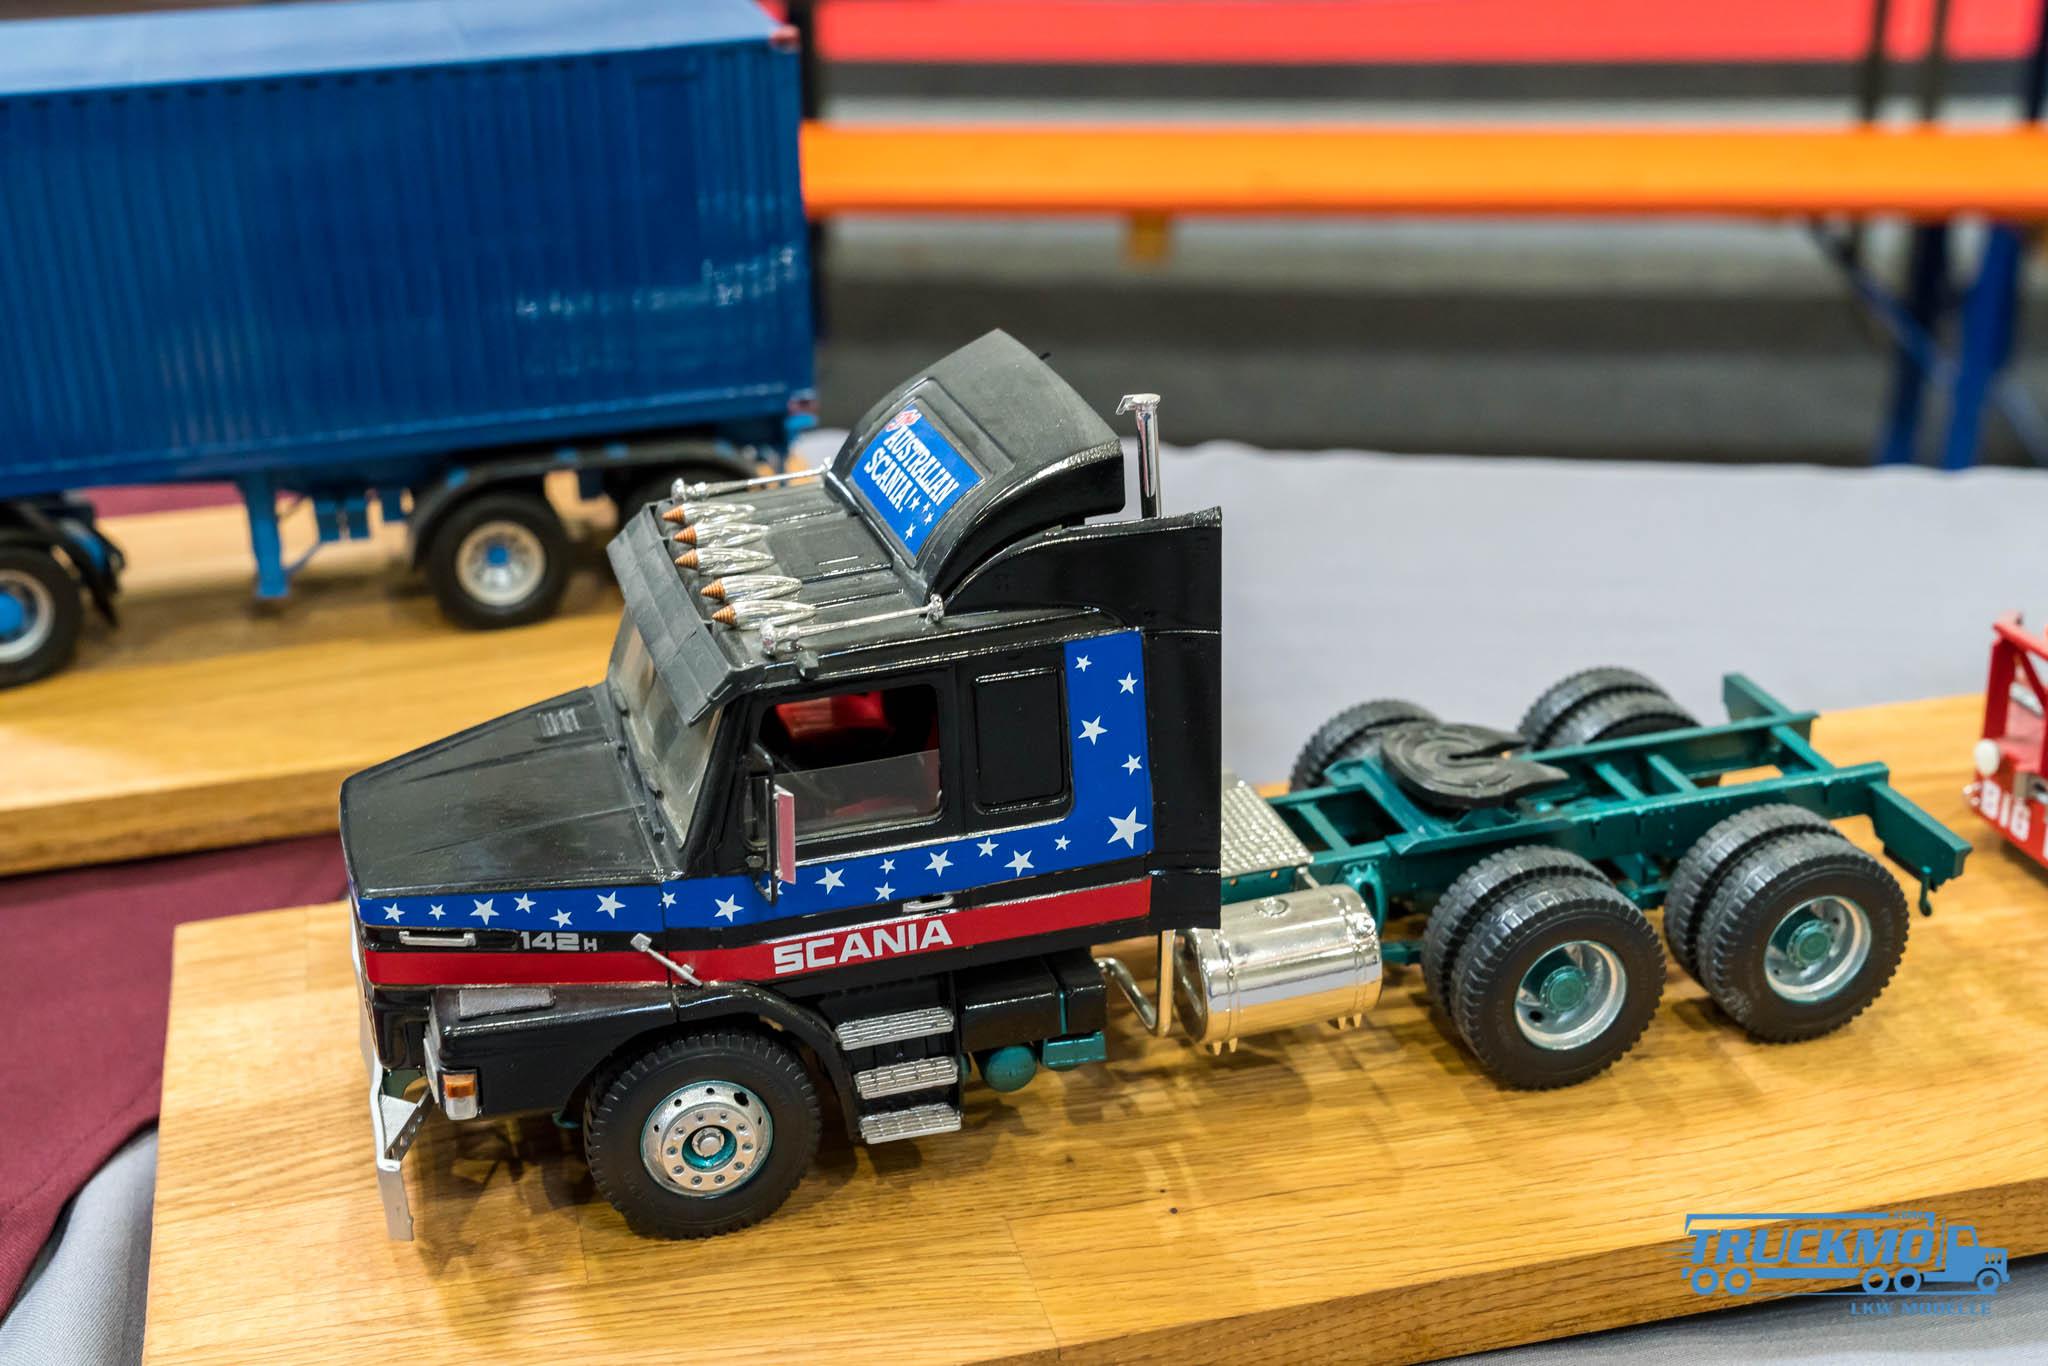 Truckmo_Modellbau_Ried_2017_Herpa_Messe_Modellbauausstellung (543 von 1177)